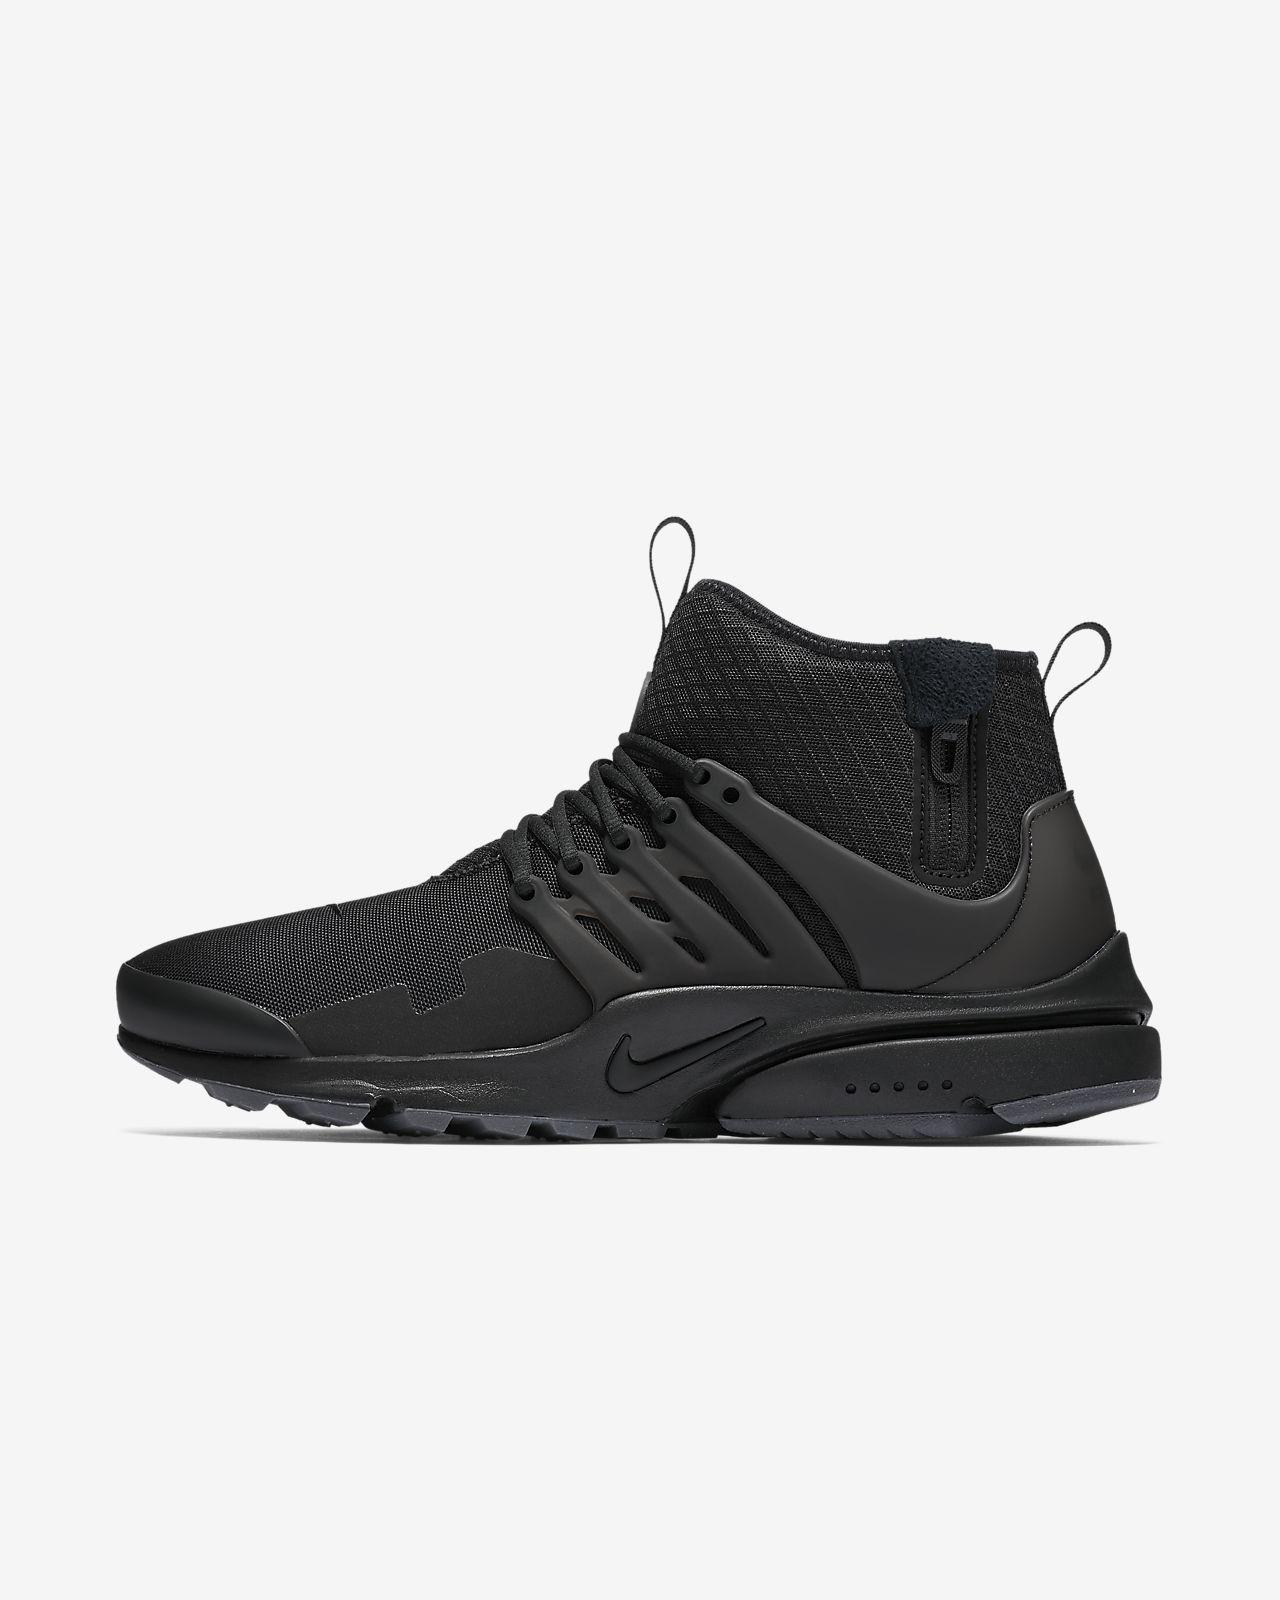 Nike Air Presto Mid Utility Noir Noir - Livraison Gratuite avec - Chaussures Basket Homme